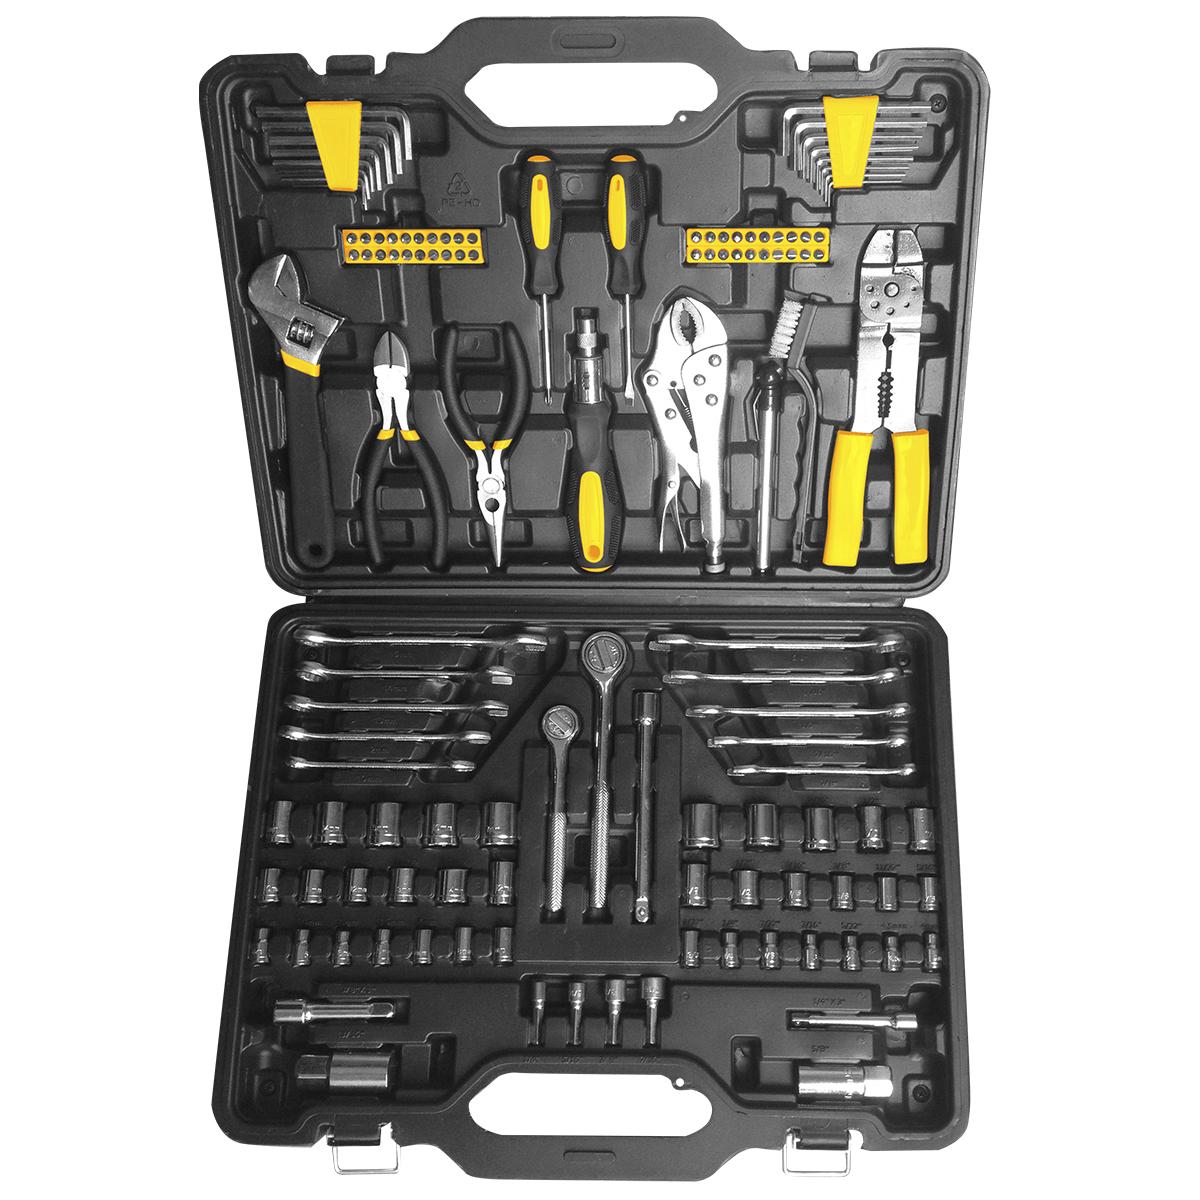 Набор инструментов Kolner KTS, 123 предмета80625Набор Kolner KTS содержит все необходимые инструменты для выполнения любых слесарных работ. Инструменты изготовлены из высококачественной хромованадиевой стали и закалены, благодаря чему имеют большой срок эксплуатации. Рукоятки инструментов обеспечивают комфорт во время работы, не утомляют и не натирают руку. Универсальный набор инструментов поставляется в кейсе, который удобно взять с собой или хранить в кладовке.Комплектация:- Шестигранный ключ: 6 шт.- Отвертка - 2 шт: 75 х 4 мм.- Держатель для бит с трещеткой: 170 мм.- Бита - 40 шт: 25 мм.- Разводной ключ 8.- Тонкогубцы.- Бокорезы.- Манометр.- Металлическая щетка.- Пинцы: 7.- Приспособление для зачистки проводов.- Гаечный ключ - 10 шт: 10-12-13-14-15.3/8.7/16.1/2.9/16.5/8.- Рукоятка с трещеткой квадрат: 1/4.- Рукоятка с трещеткой квадрат: 3/8.- Торцевая головка квадрат - 14 шт: 1/4: 4-4.5-5-5.5-6-6.5-7-8-9-10-11-12-13-14 мм.- Торцевая головка квадрат - 10 шт: 1/4: 5/32-3/16-7/32-1/4-9/32-5/16-11/32-3/8-7/16-1/2.- Торцевая головка квадрат - 6 шт (3/8): 12-13-14-15-16-17 мм.- Торцевая головка квадрат - 6 шт (3/8): 3/8-7/16-1/2-9/16-5/8-11/16.- Удлинитель квадрат: 3/8 3.- Удлинитель квадрат: 3/8 6.- Удлинитель квадрат: 1/4 3.- Свечной ключ квадрат (3/8): 16 мм.- Свечной ключ квадрат (3/8): 21 мм.- Торцевая головка квадрат - 4 шт (1/4): 1/4-5/16-3/8-7/16.